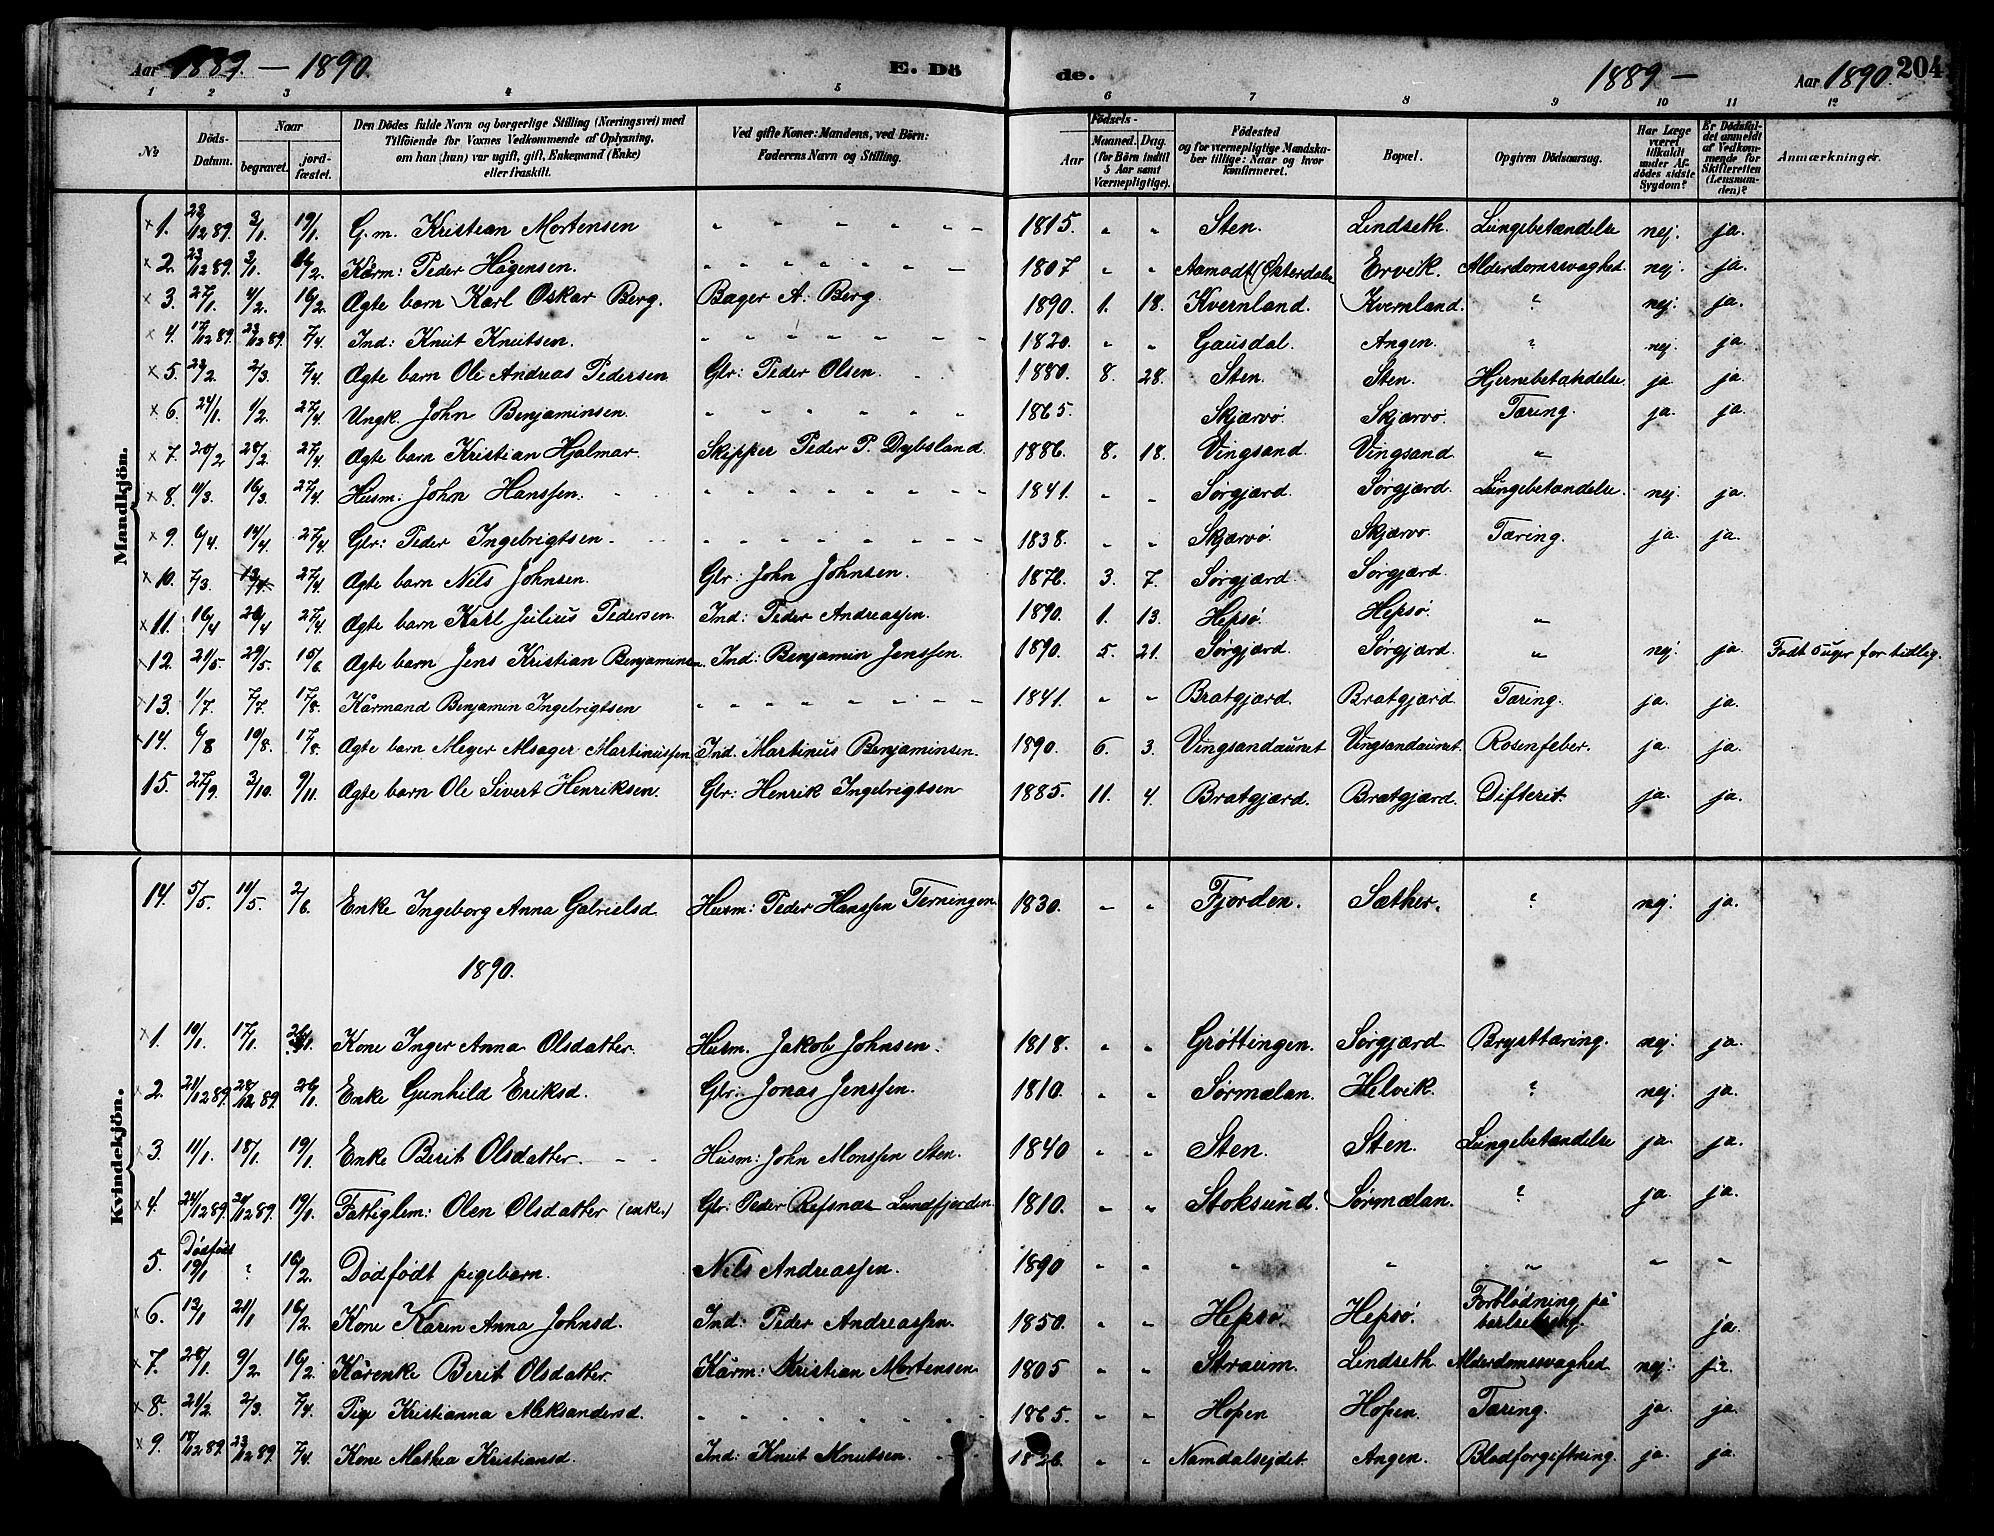 SAT, Ministerialprotokoller, klokkerbøker og fødselsregistre - Sør-Trøndelag, 658/L0726: Klokkerbok nr. 658C02, 1883-1908, s. 204